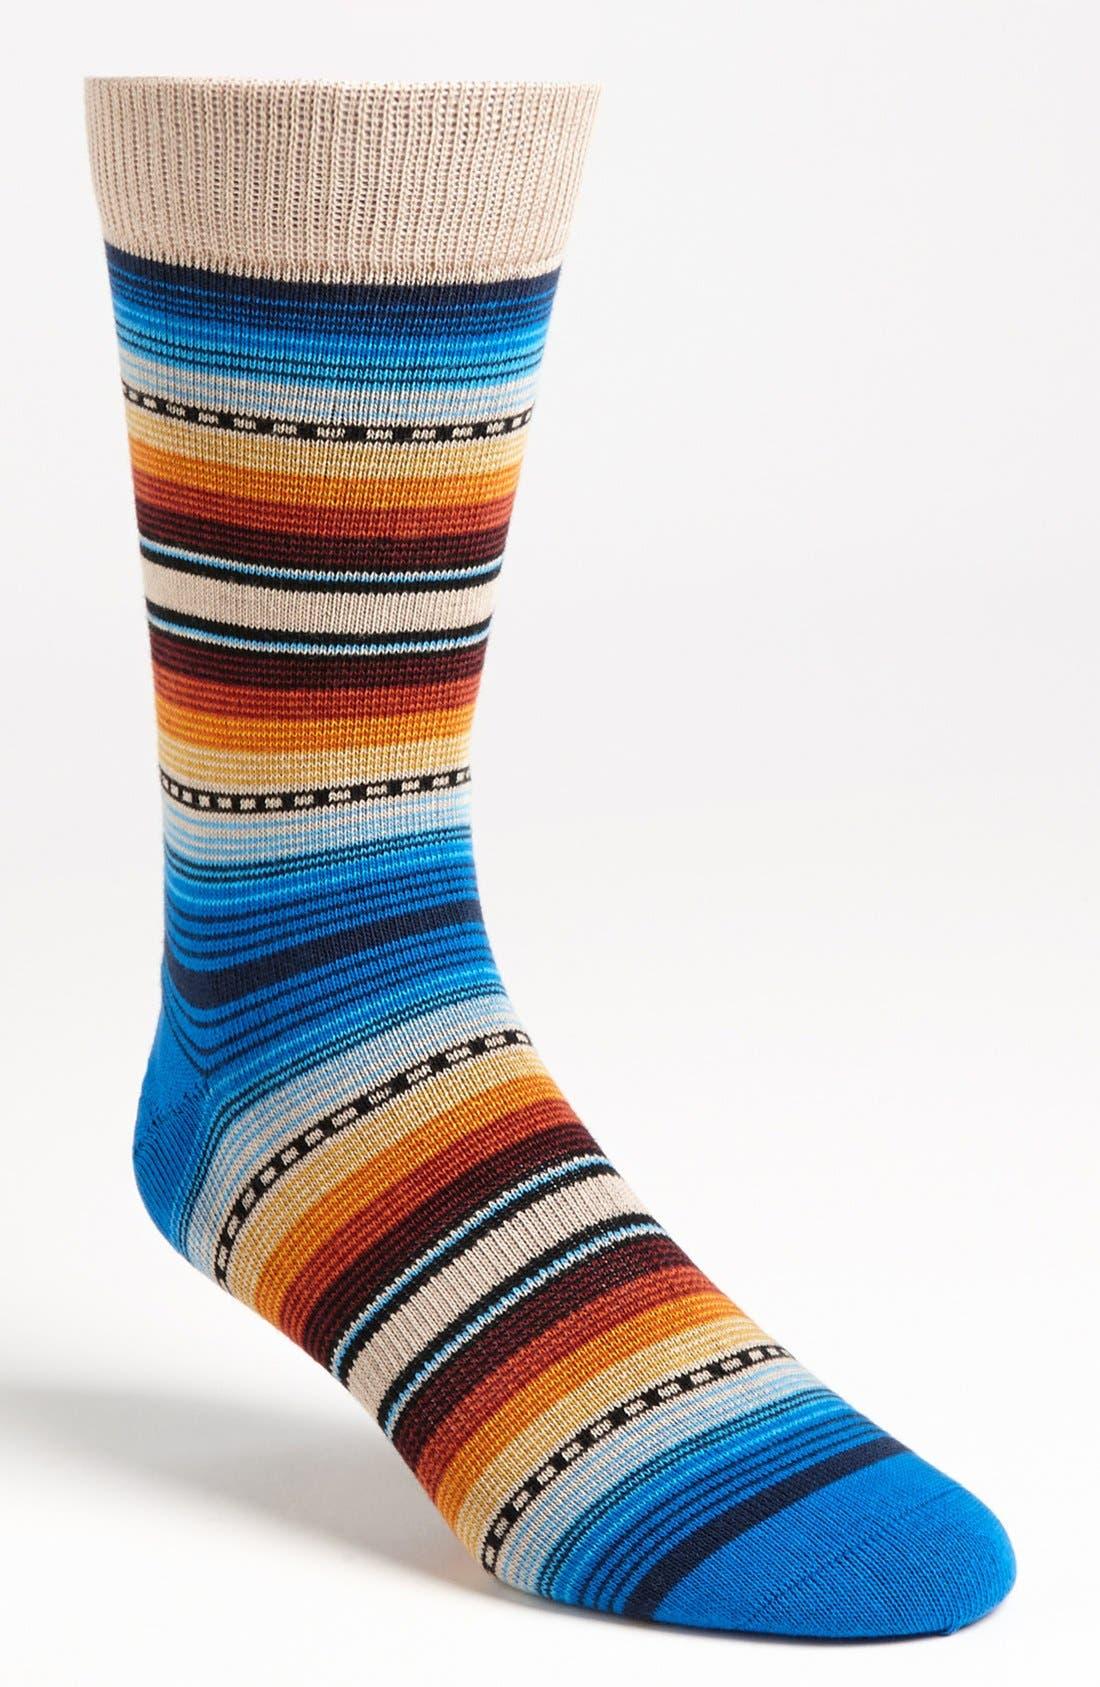 Main Image - Stance 'José Ramos' Socks